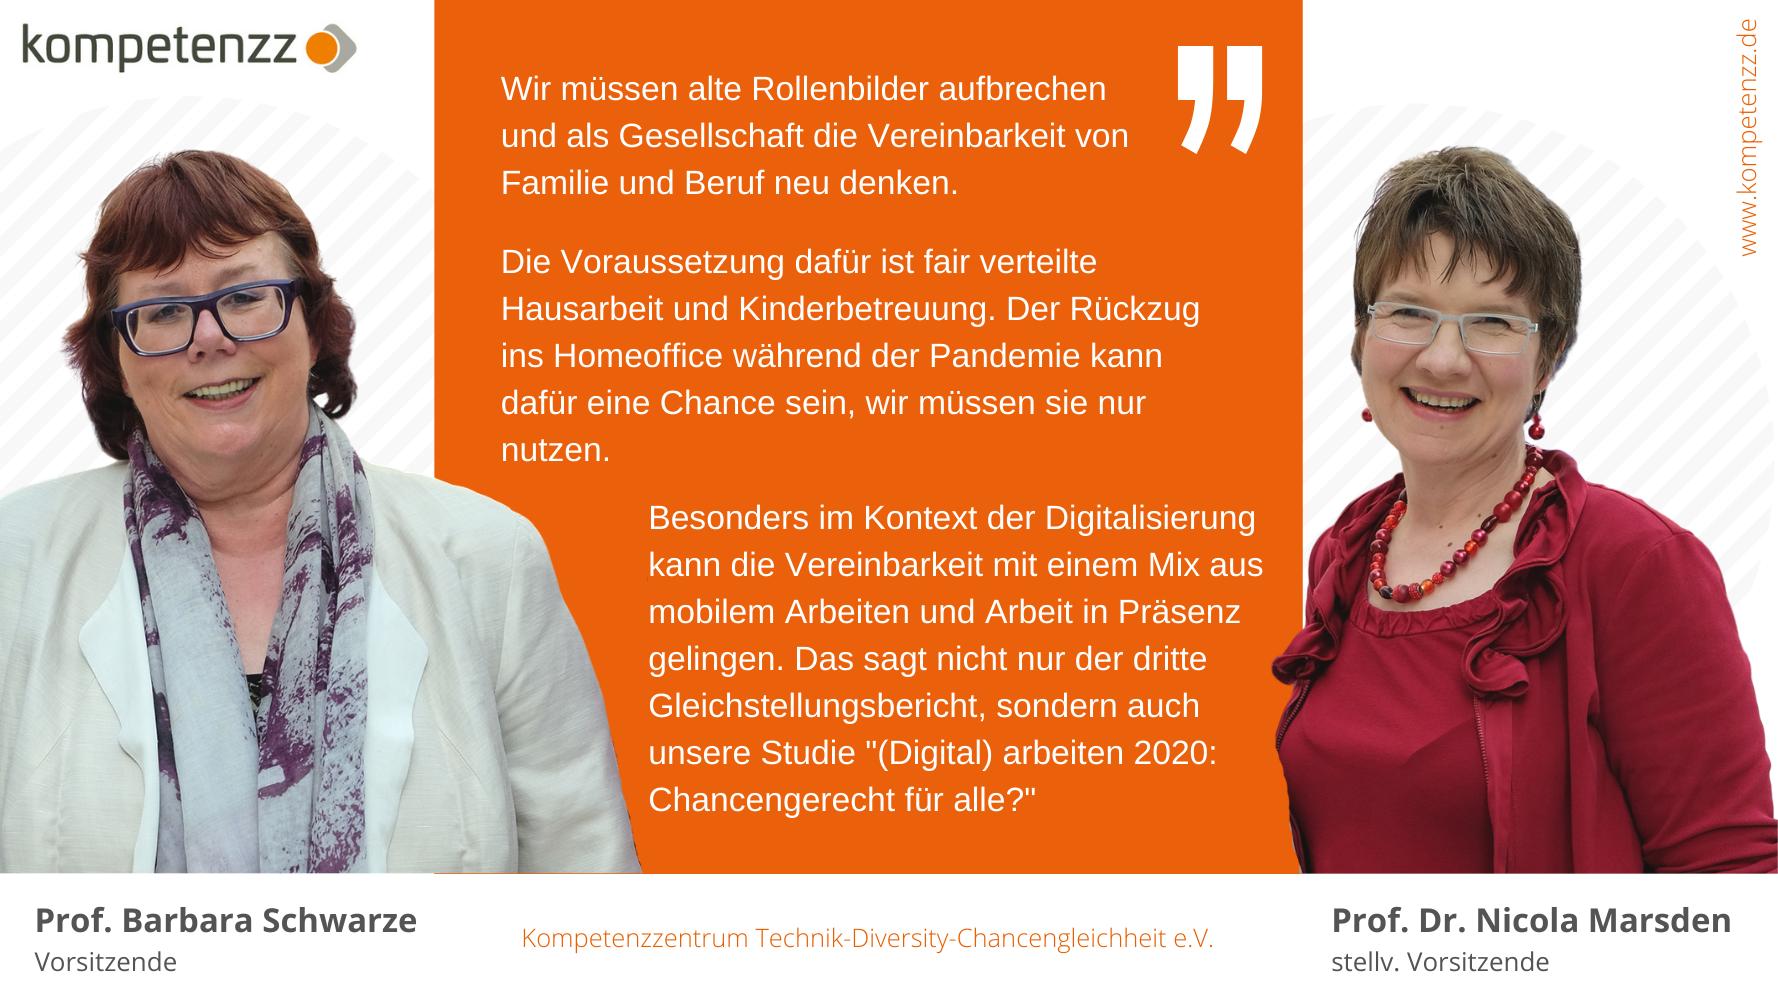 Statement zum 3. Gleichstellungsbericht und Fotos der Statementgeberinnen Prof. Barbara Schwarze und Prof. Dr. Nicola Marsden